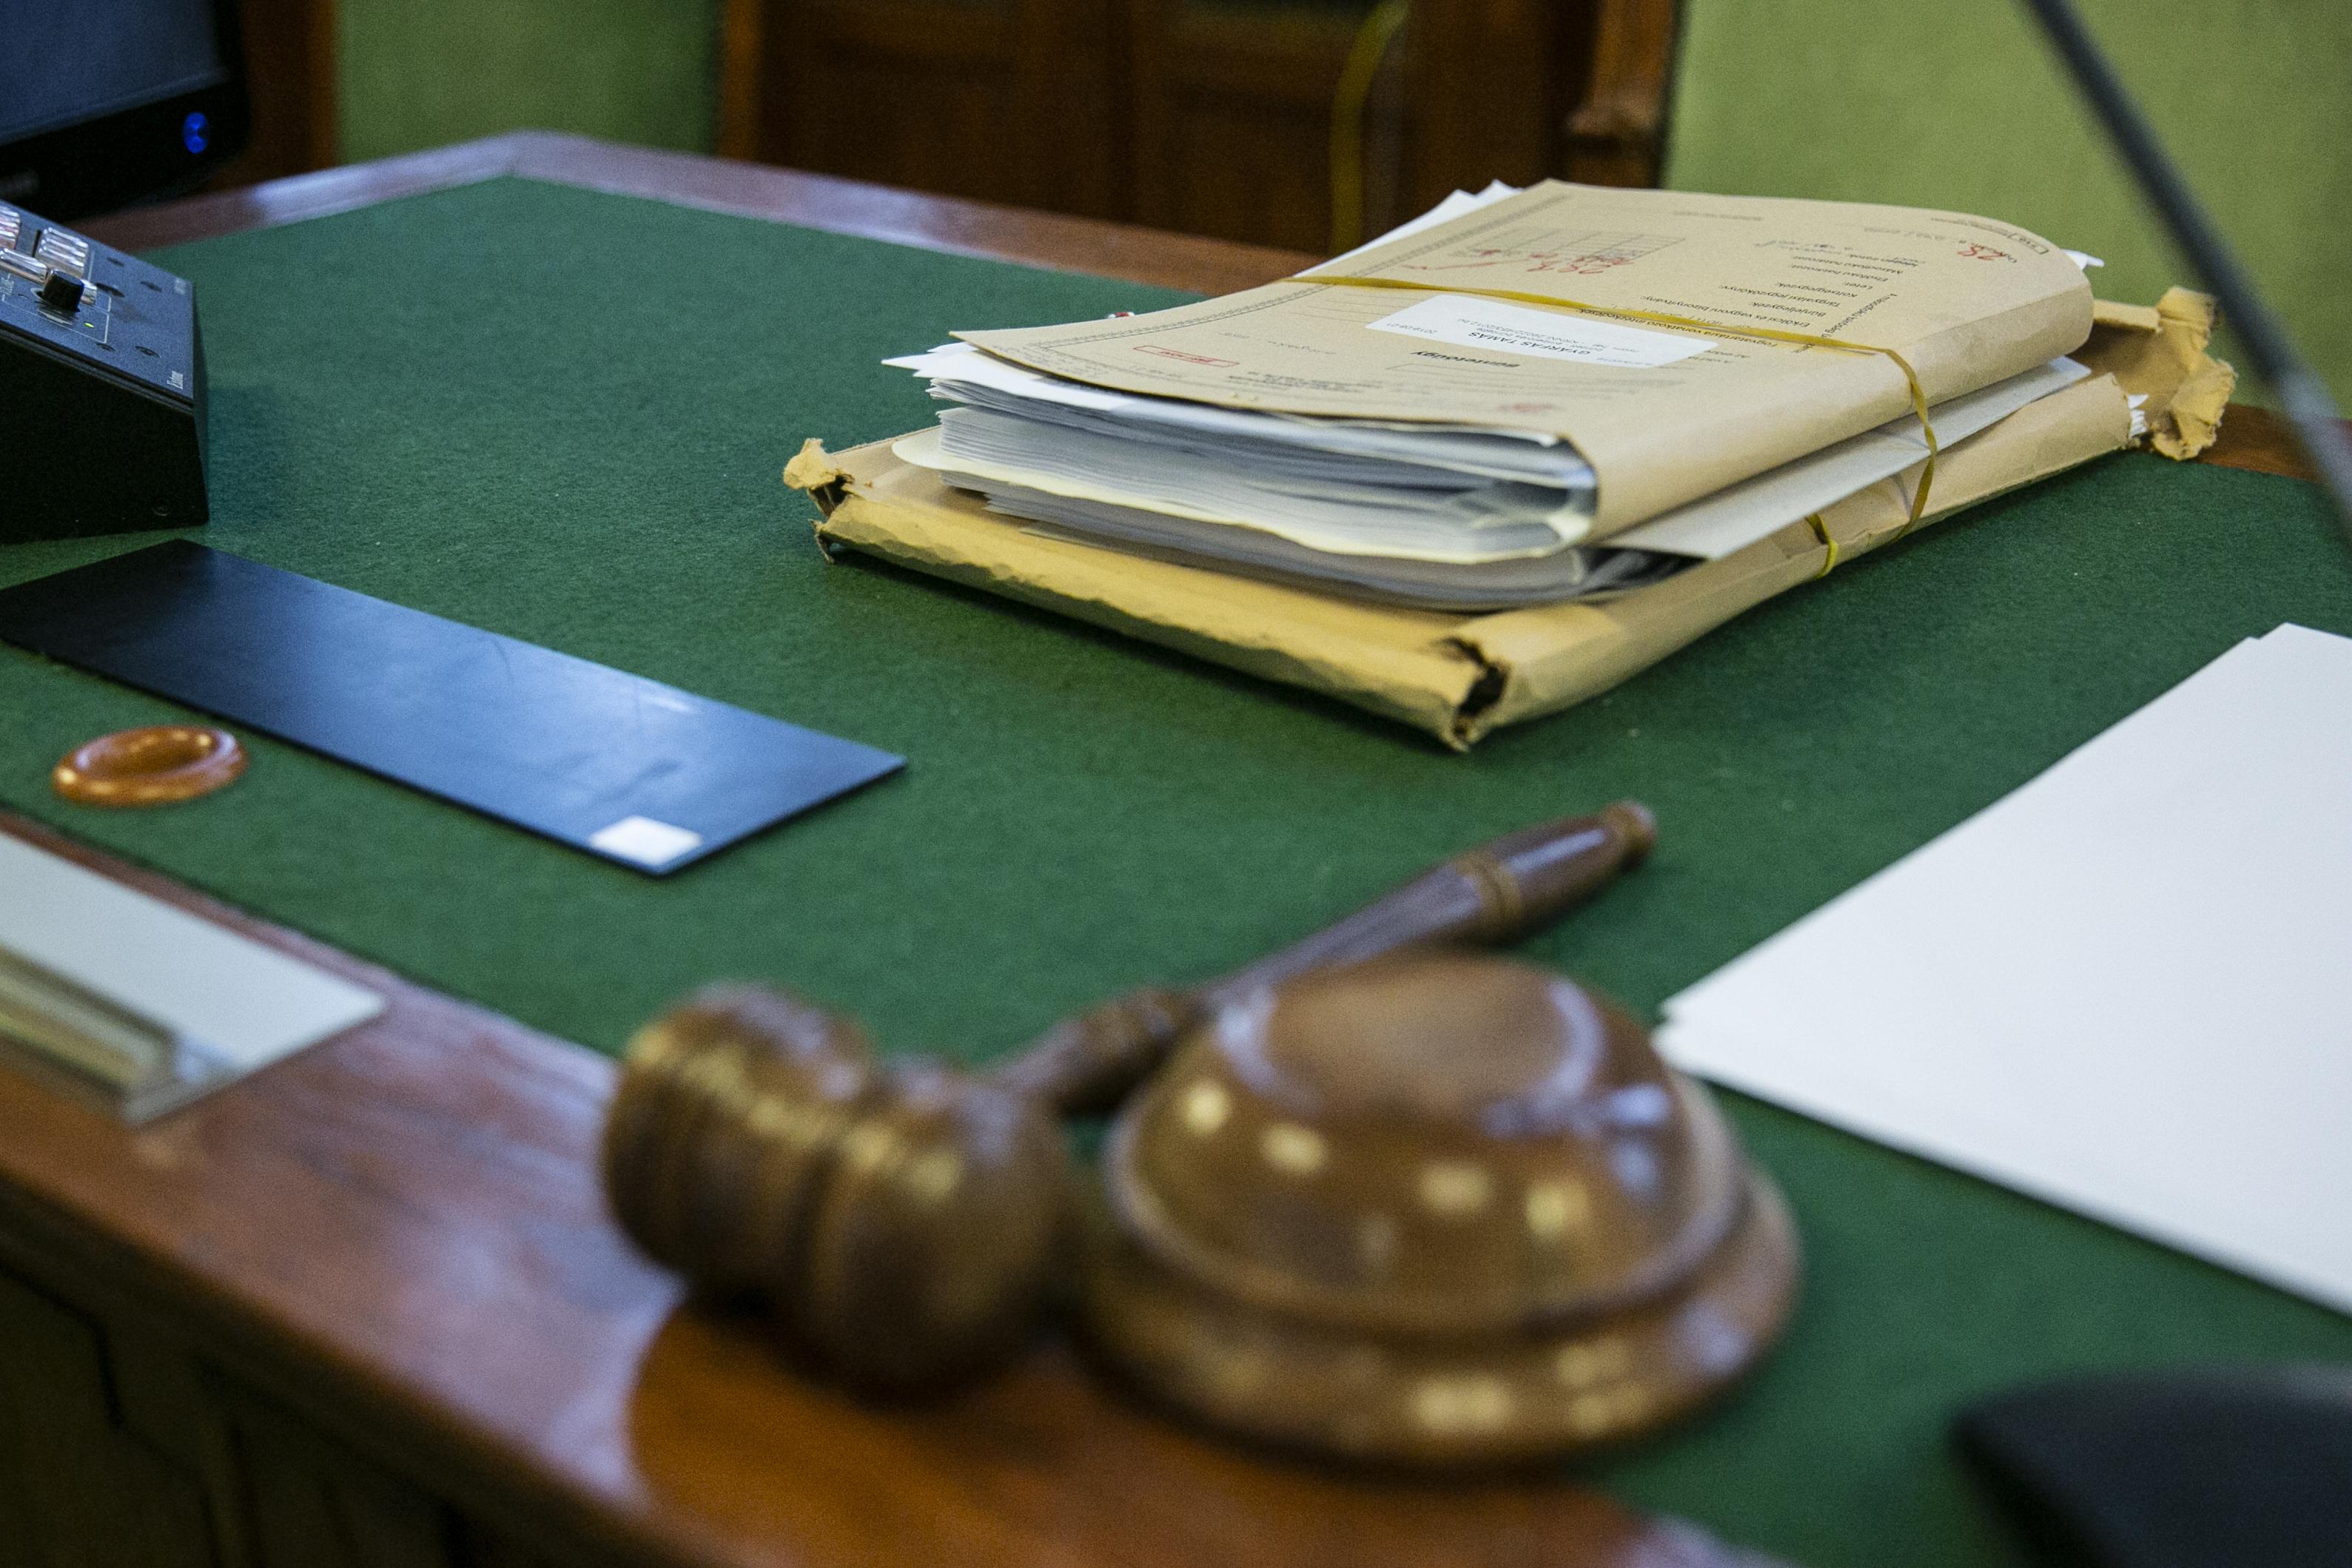 Hétfőtől leállnak a bíróságok is